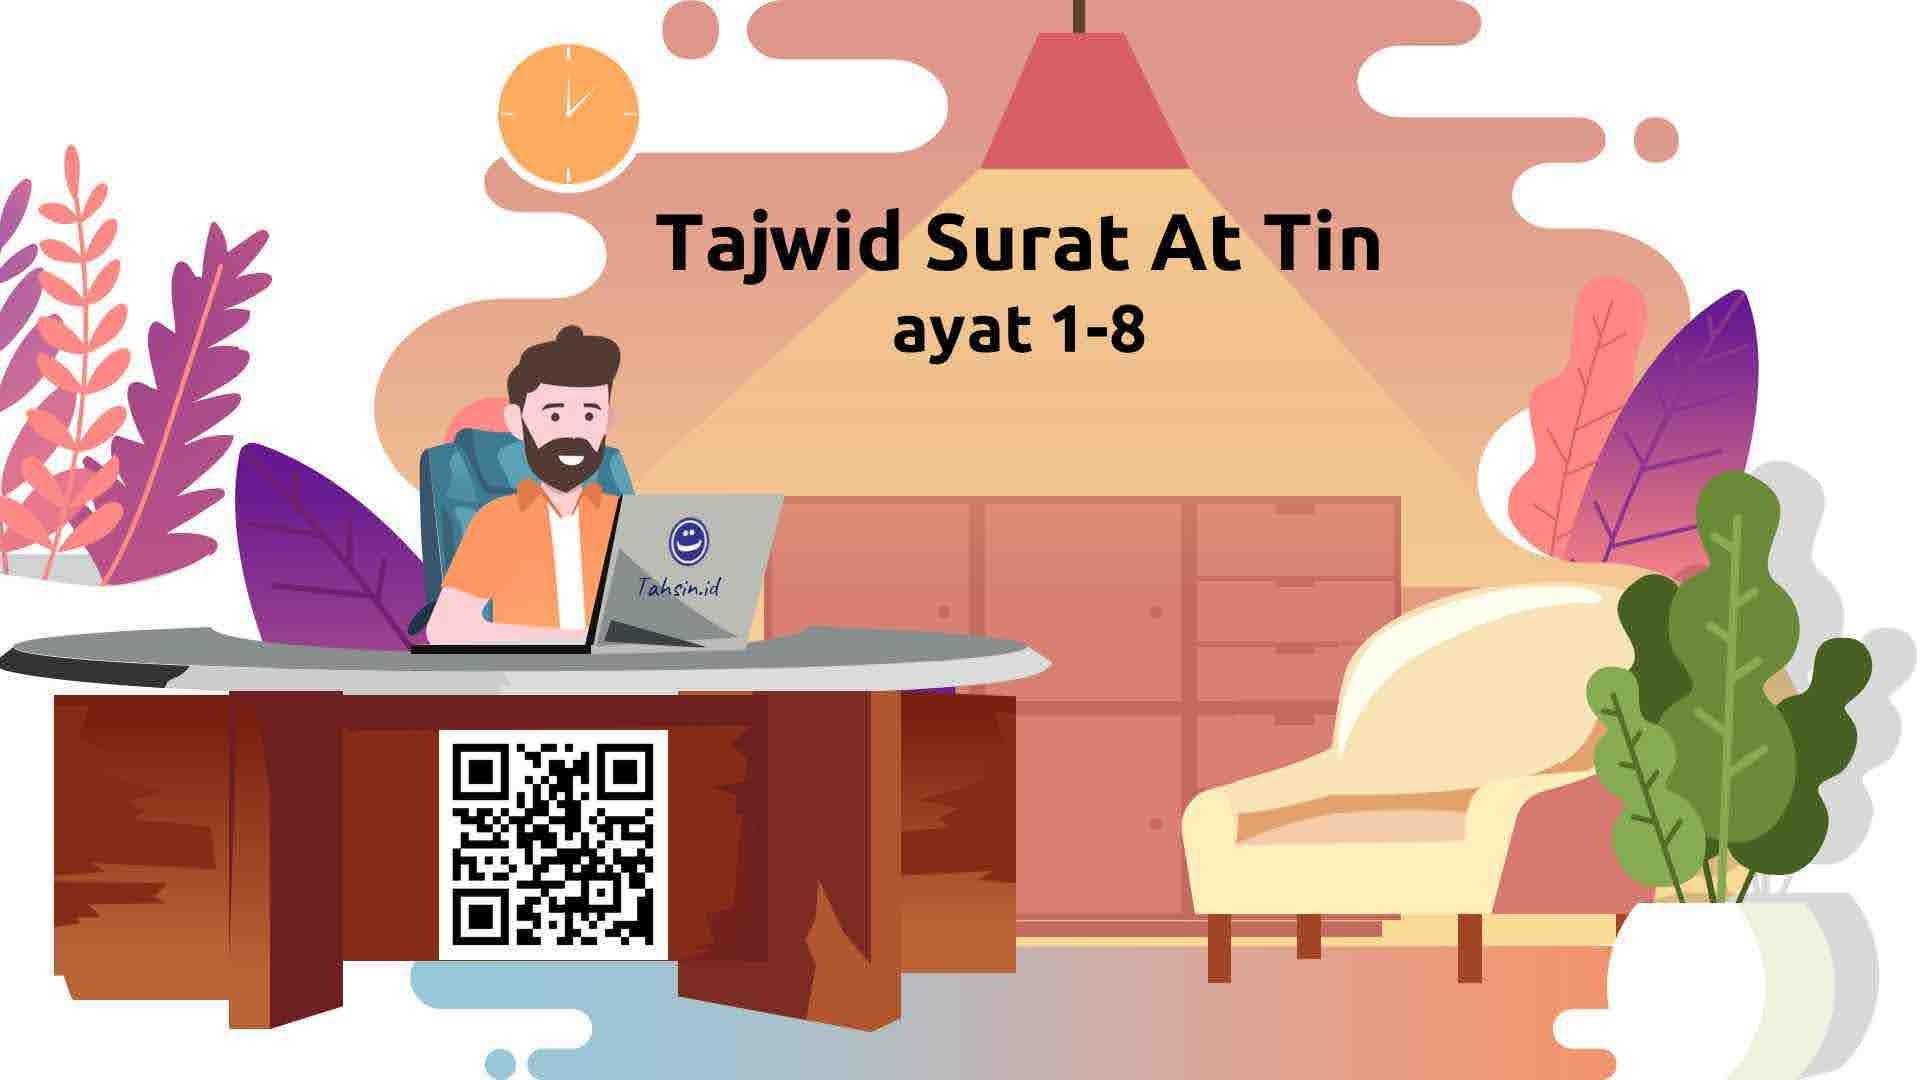 tajwid-surat-at-tin